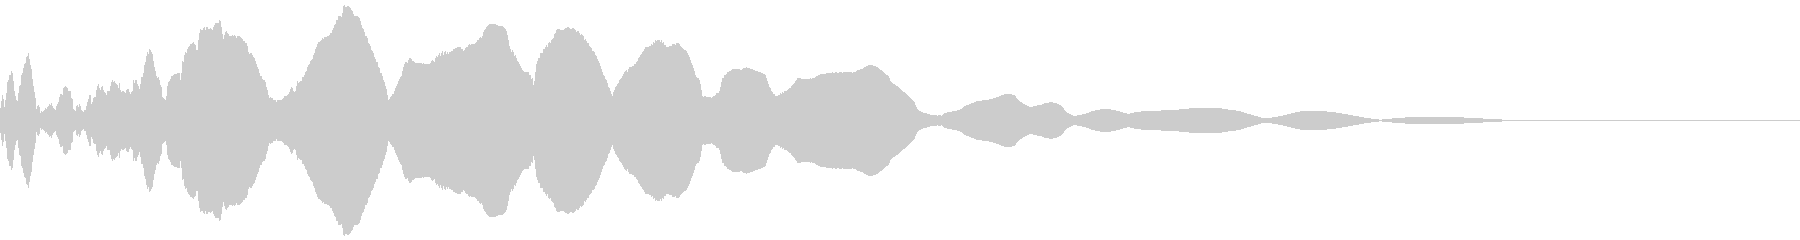 ピューンと放り投げる(遠くまで飛ぶ)の未再生の波形